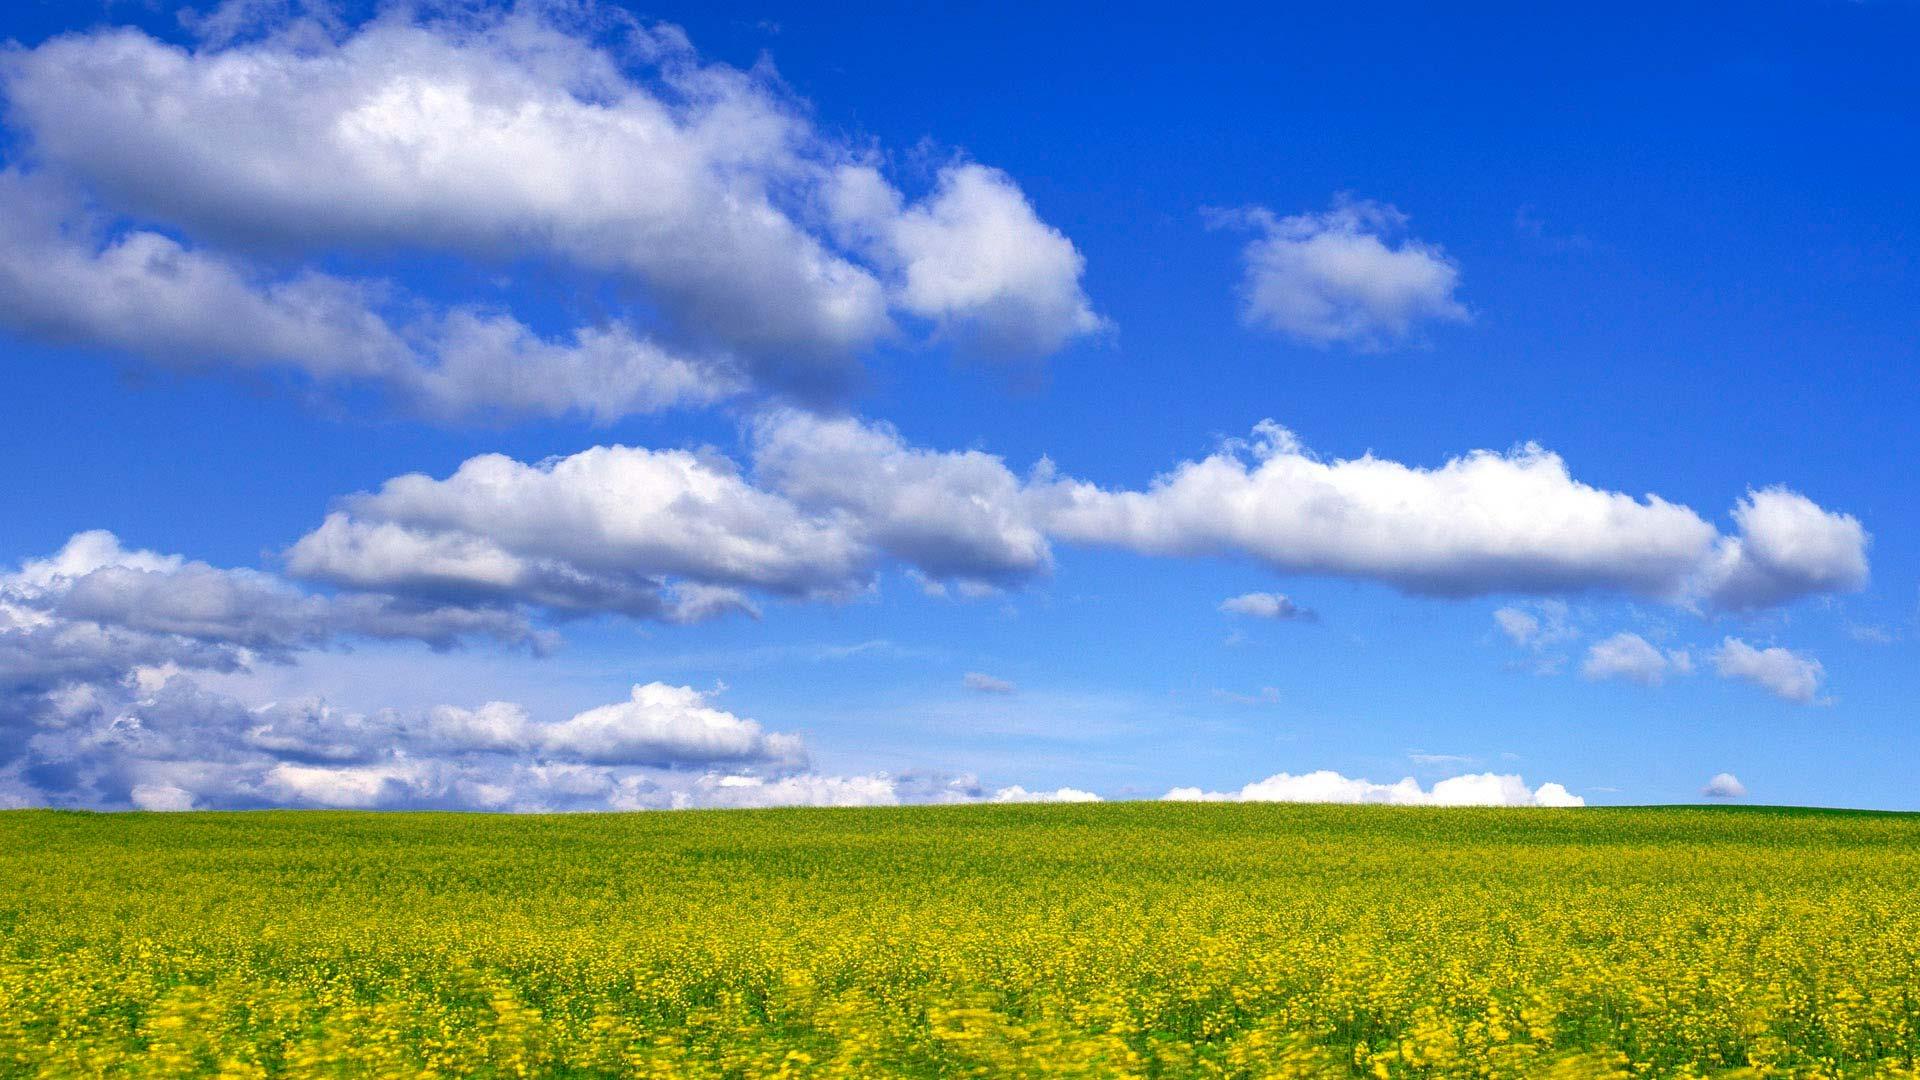 Облака и поле облака в небе над полем